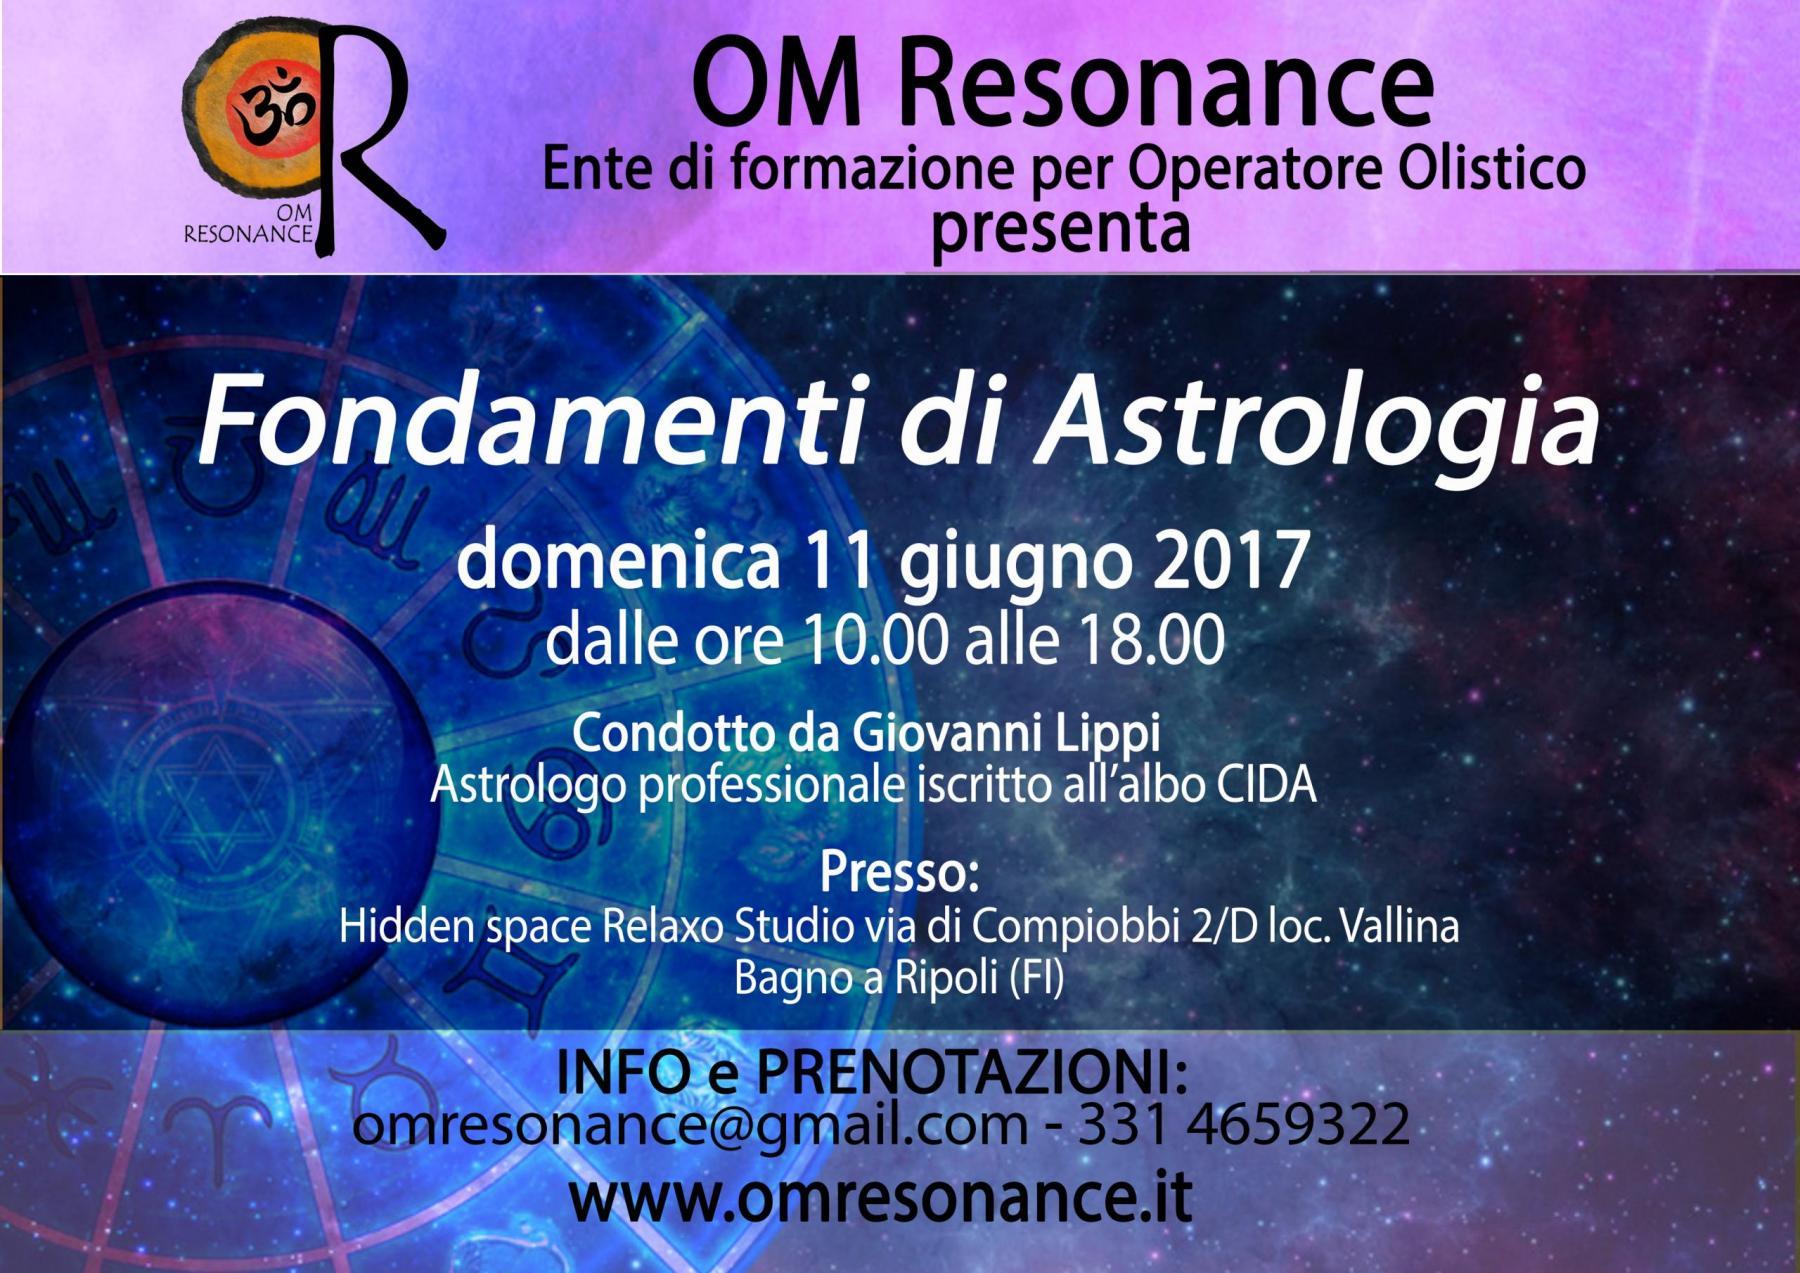 fondamenti di astrologia giovanni lippi